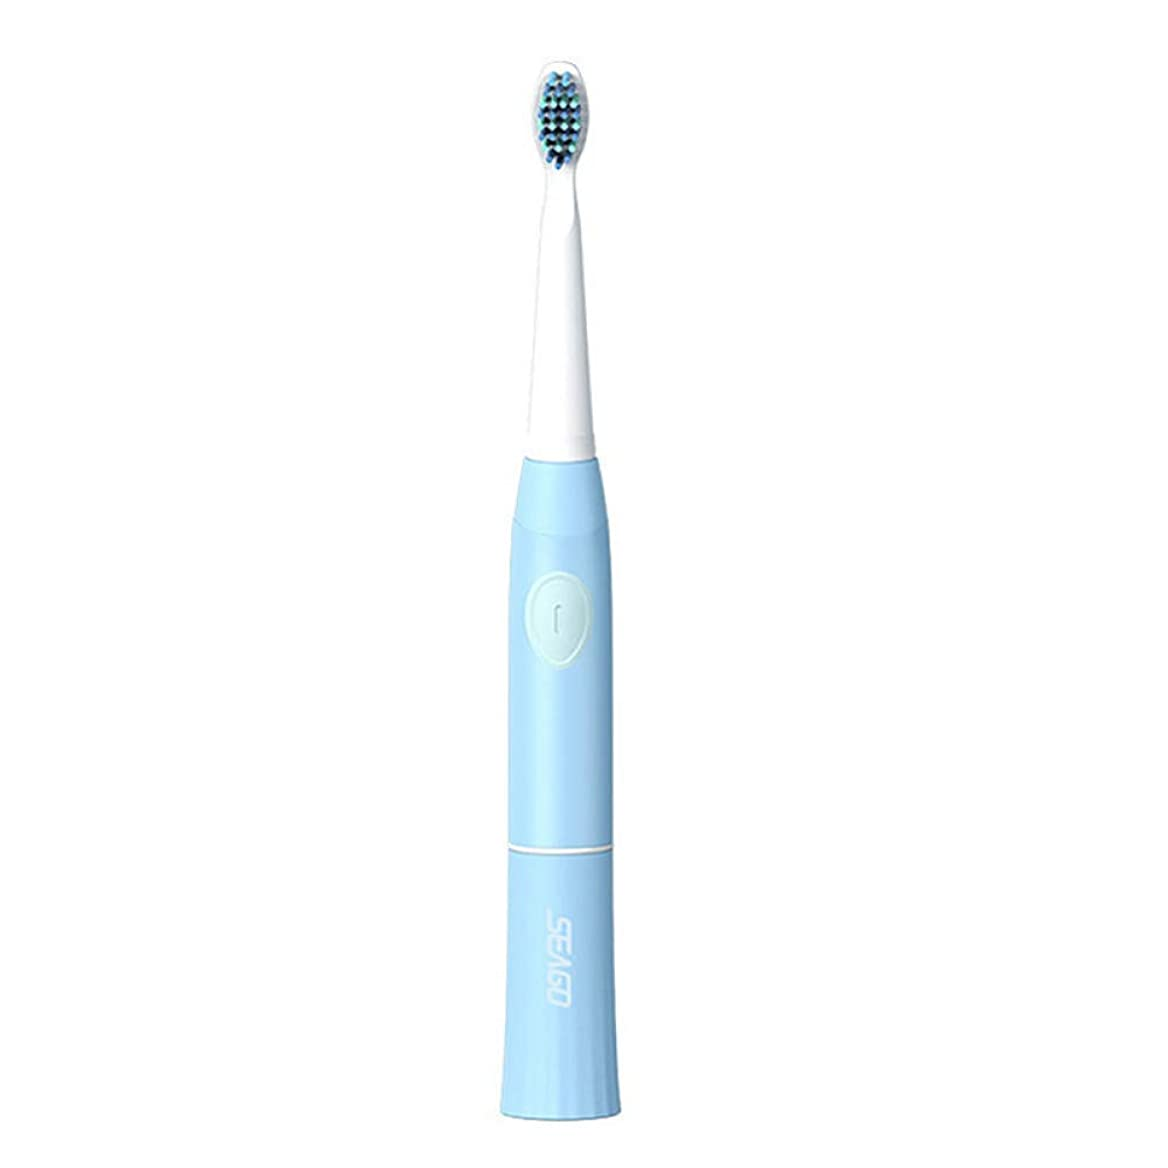 ジャニス有益な次へ防水電動歯ブラシ充電式電子歯ブラシソニックヘッド大人タイマー歯ブラシ、ブルー